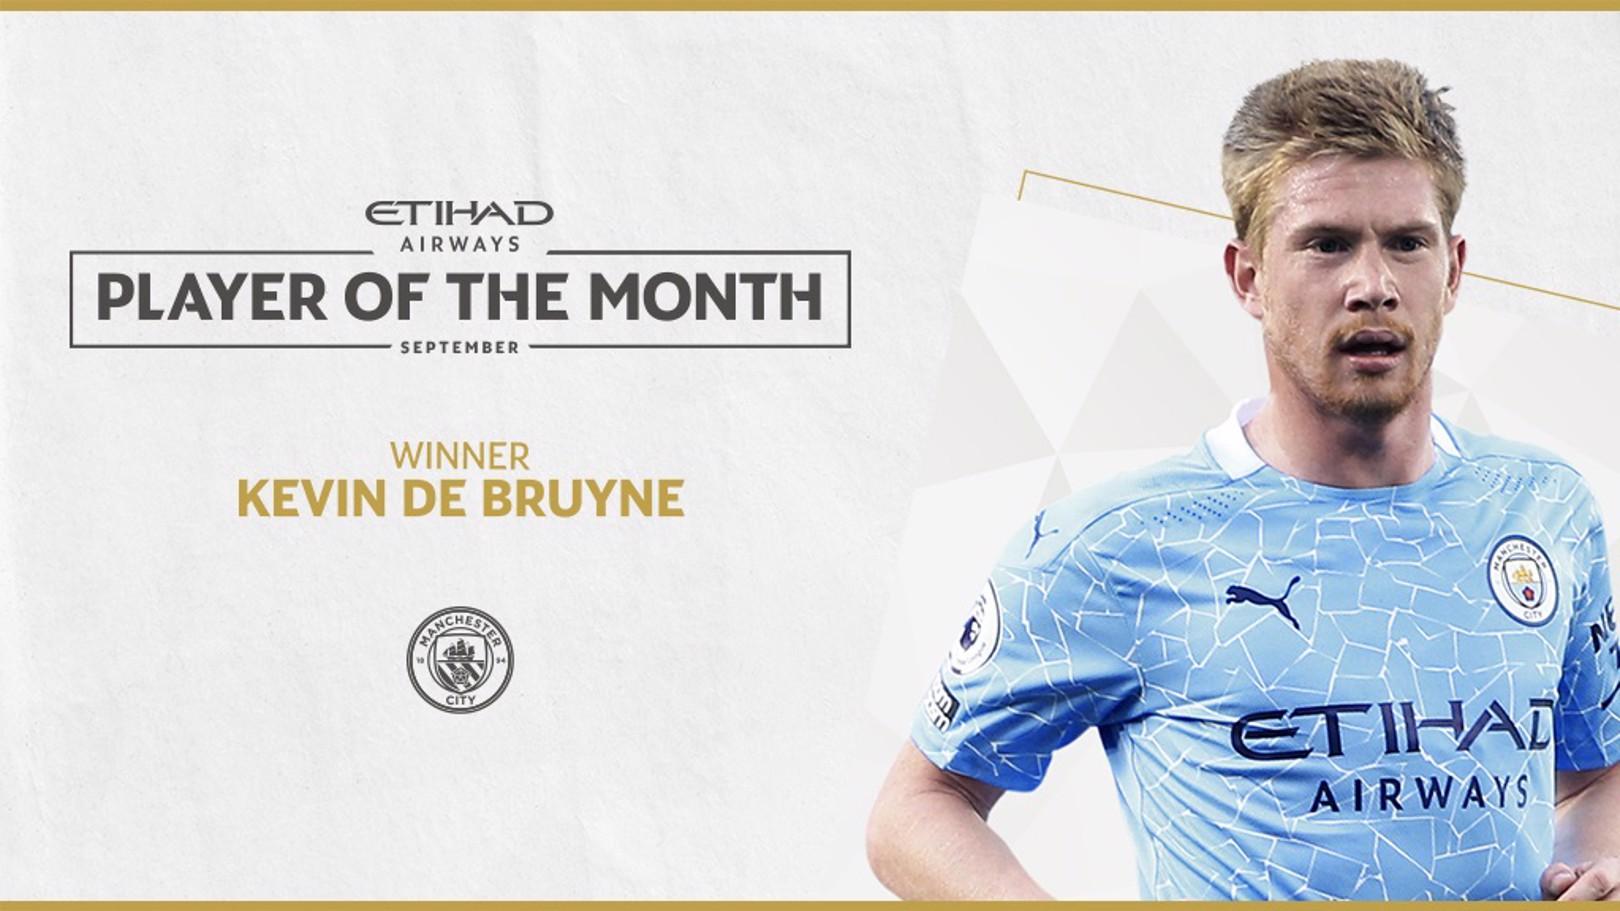 De Bruyne élu joueur du mois par Etihad